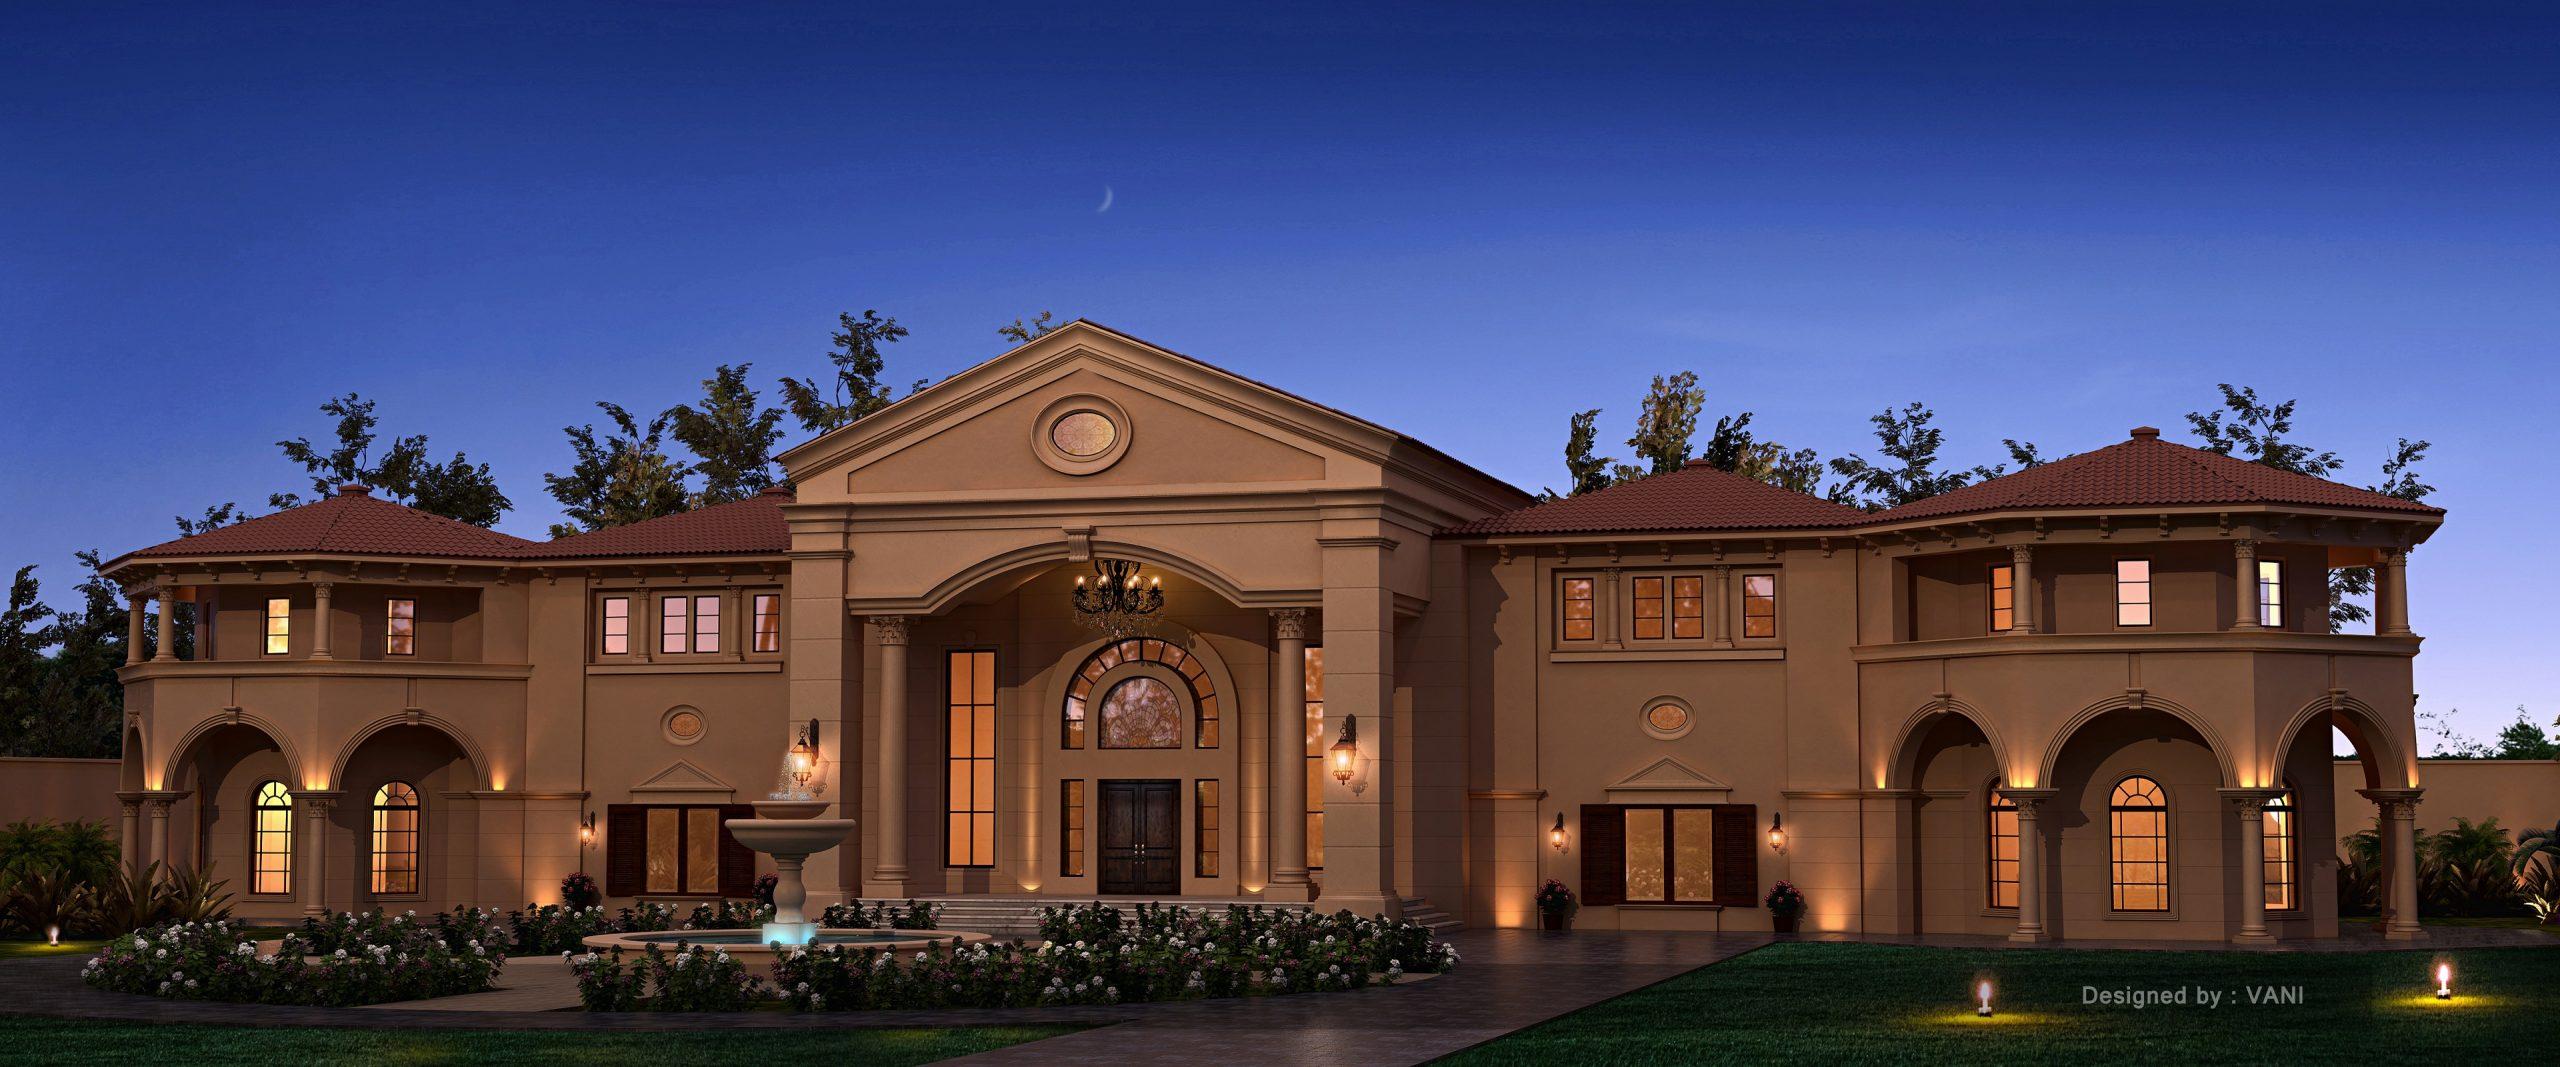 Grand residence 2014